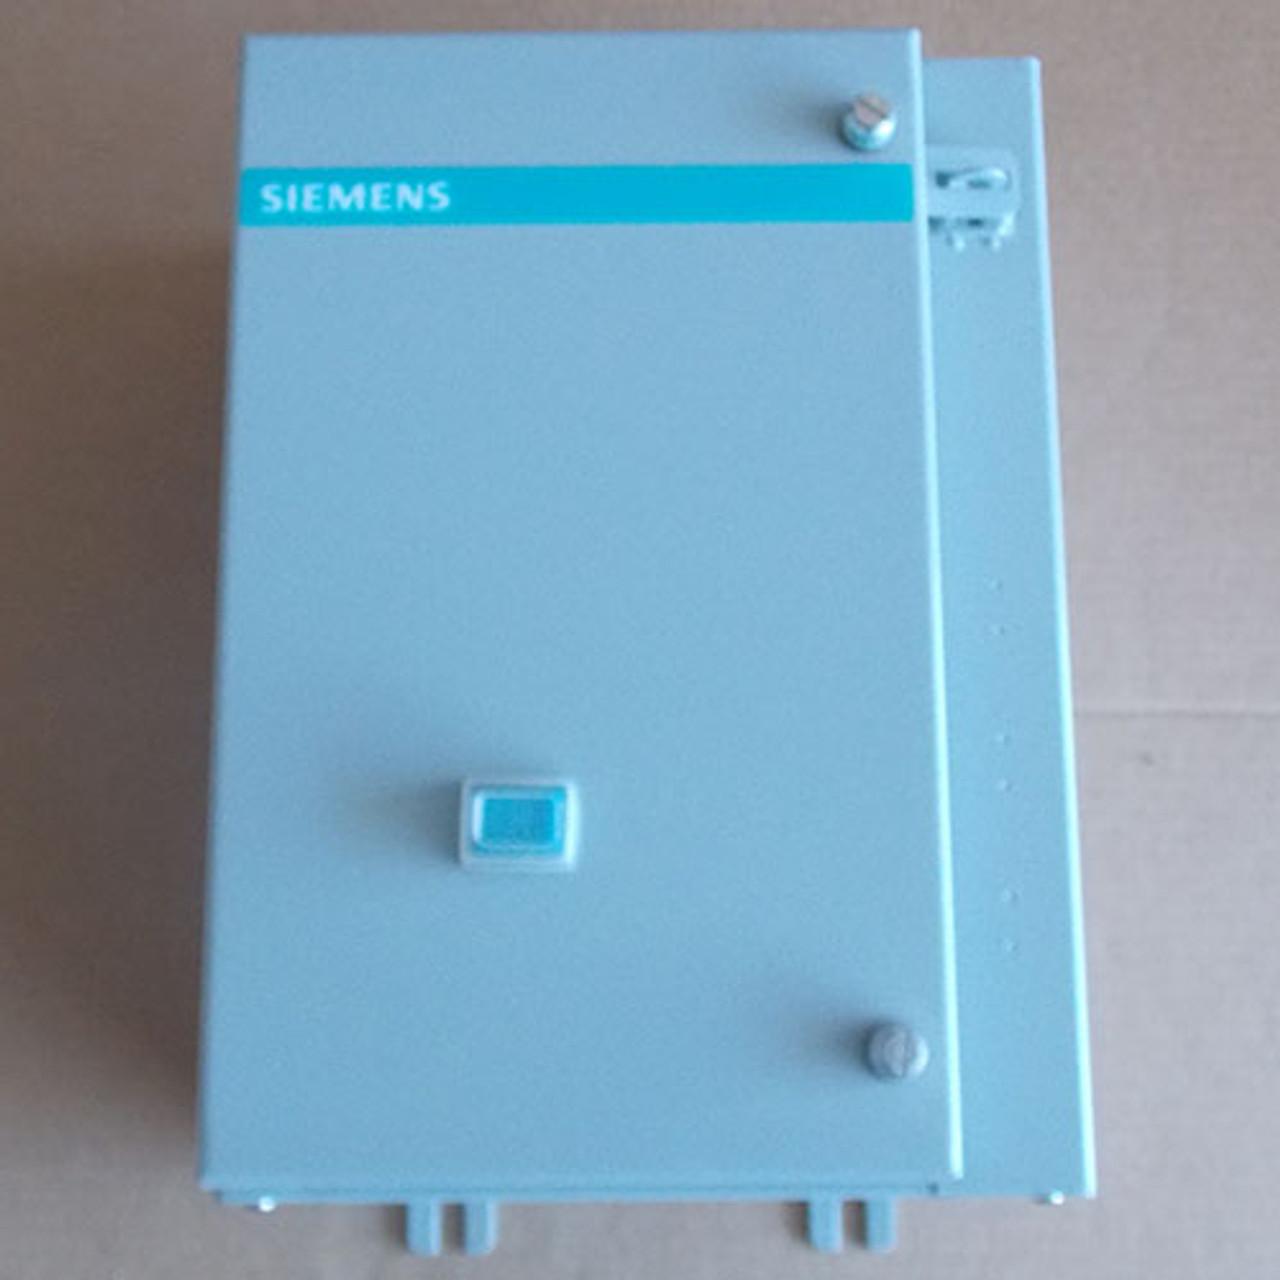 Siemens SXLC2024 Size 1 Non-Reversing Starter 3P 24V Nema 3R - New